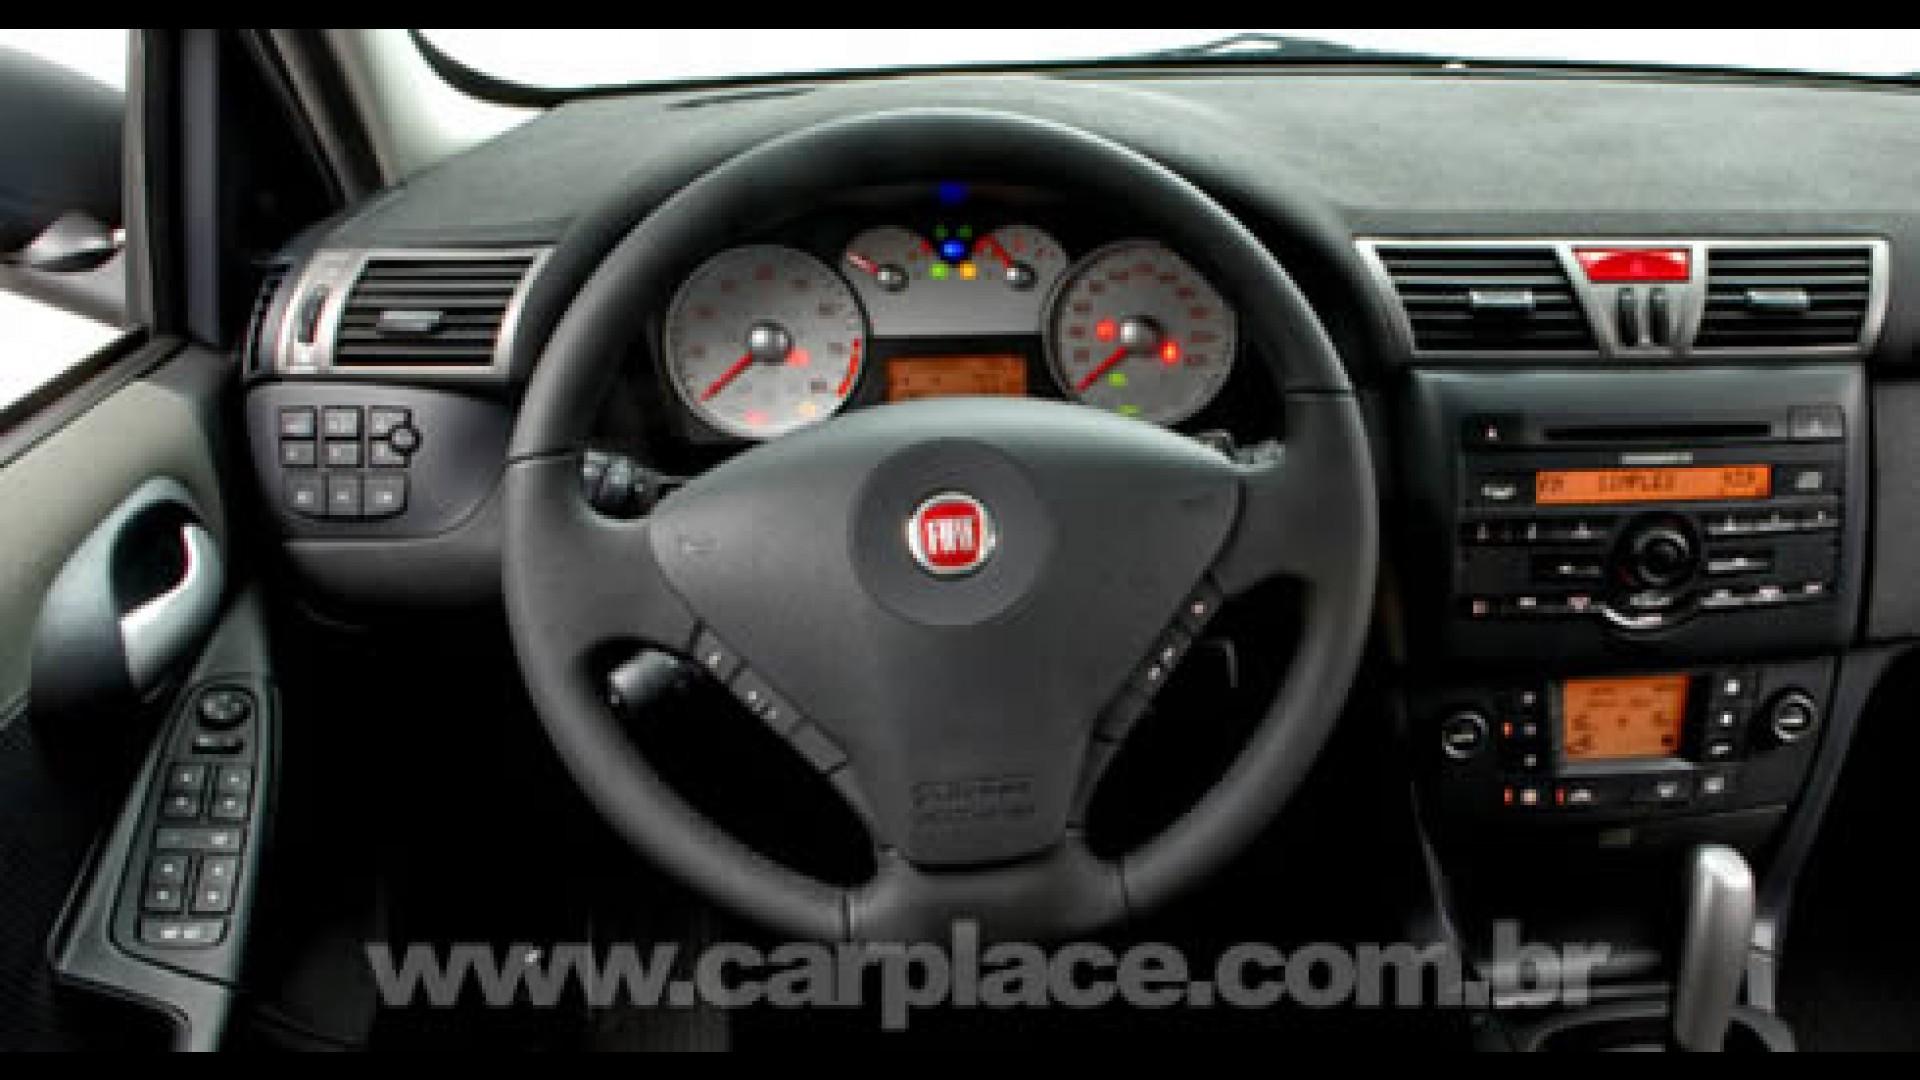 Fiat lança Novo Stilo 2008 com preço inicial de R$ 51.270 ...